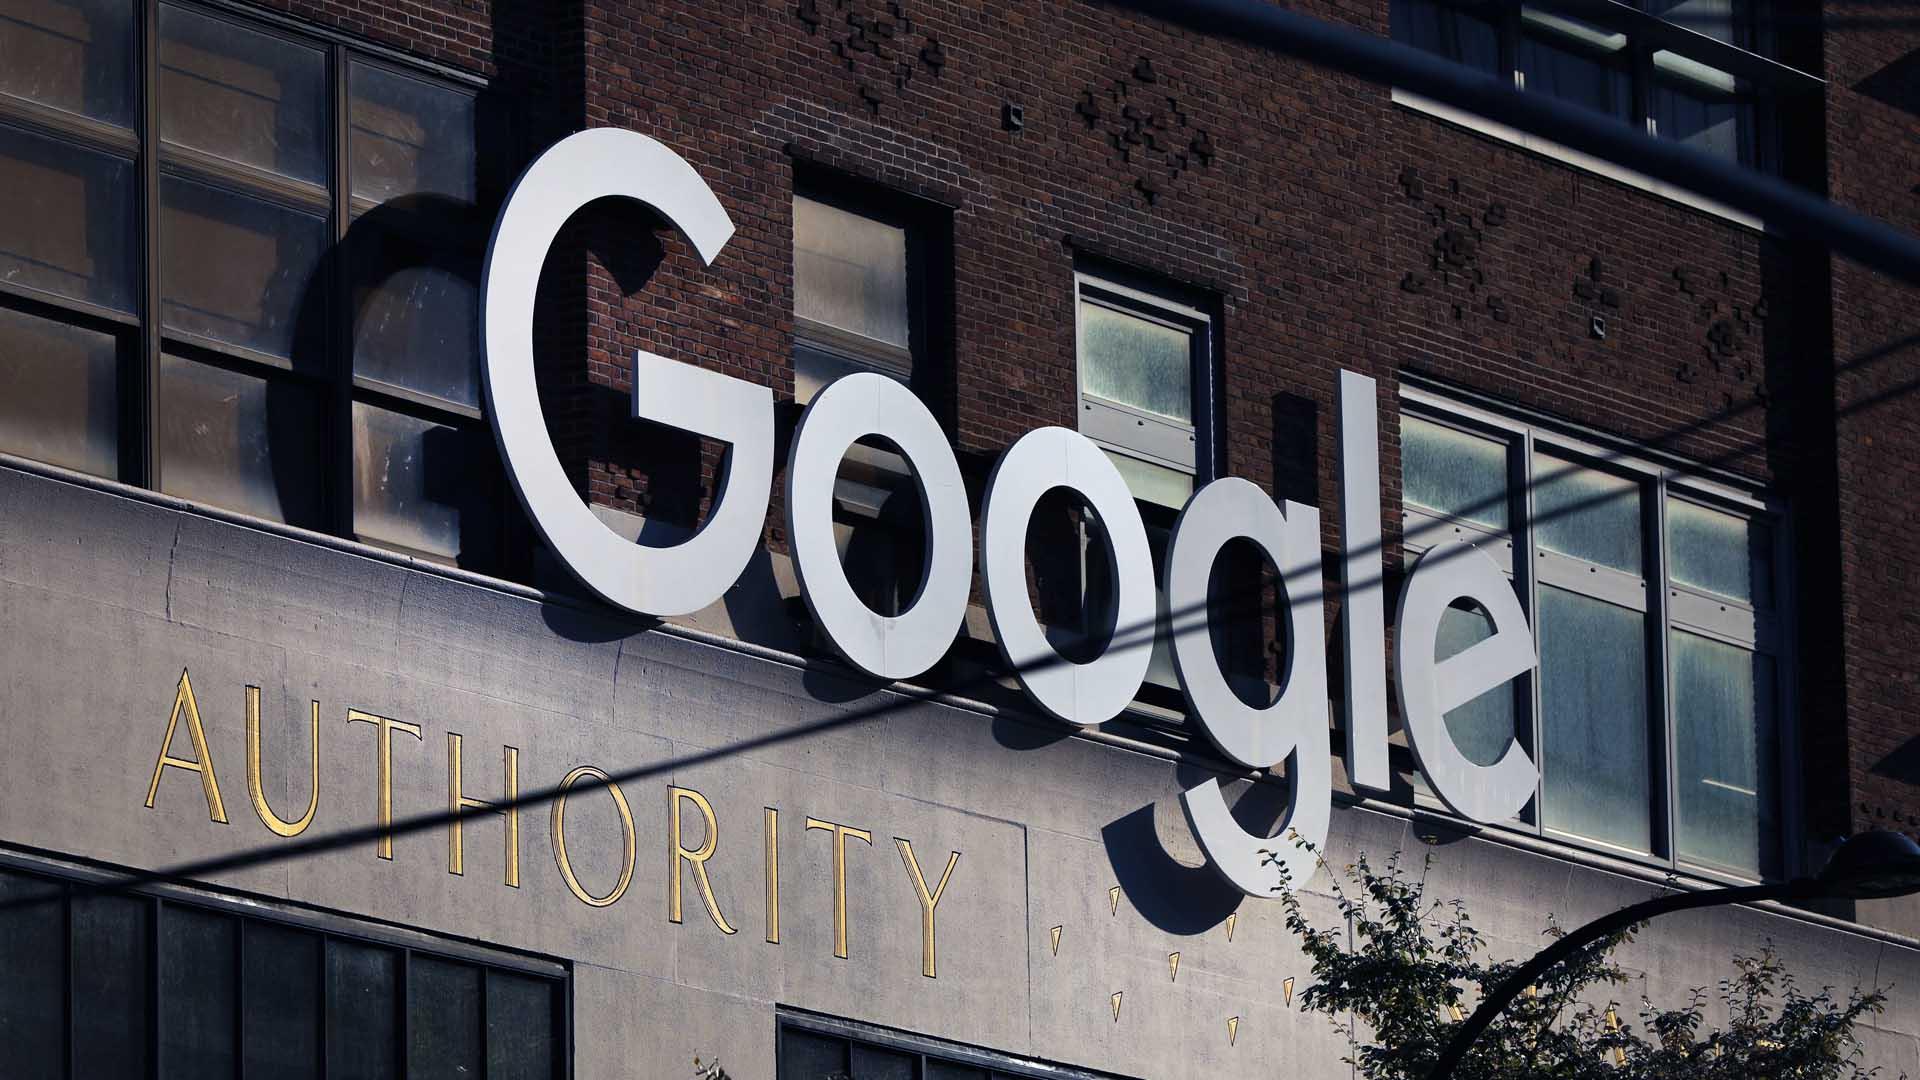 [센터뉴스] 구글 안드로이드 오류 한 번 스마트 폰 걸림 '혼란 등